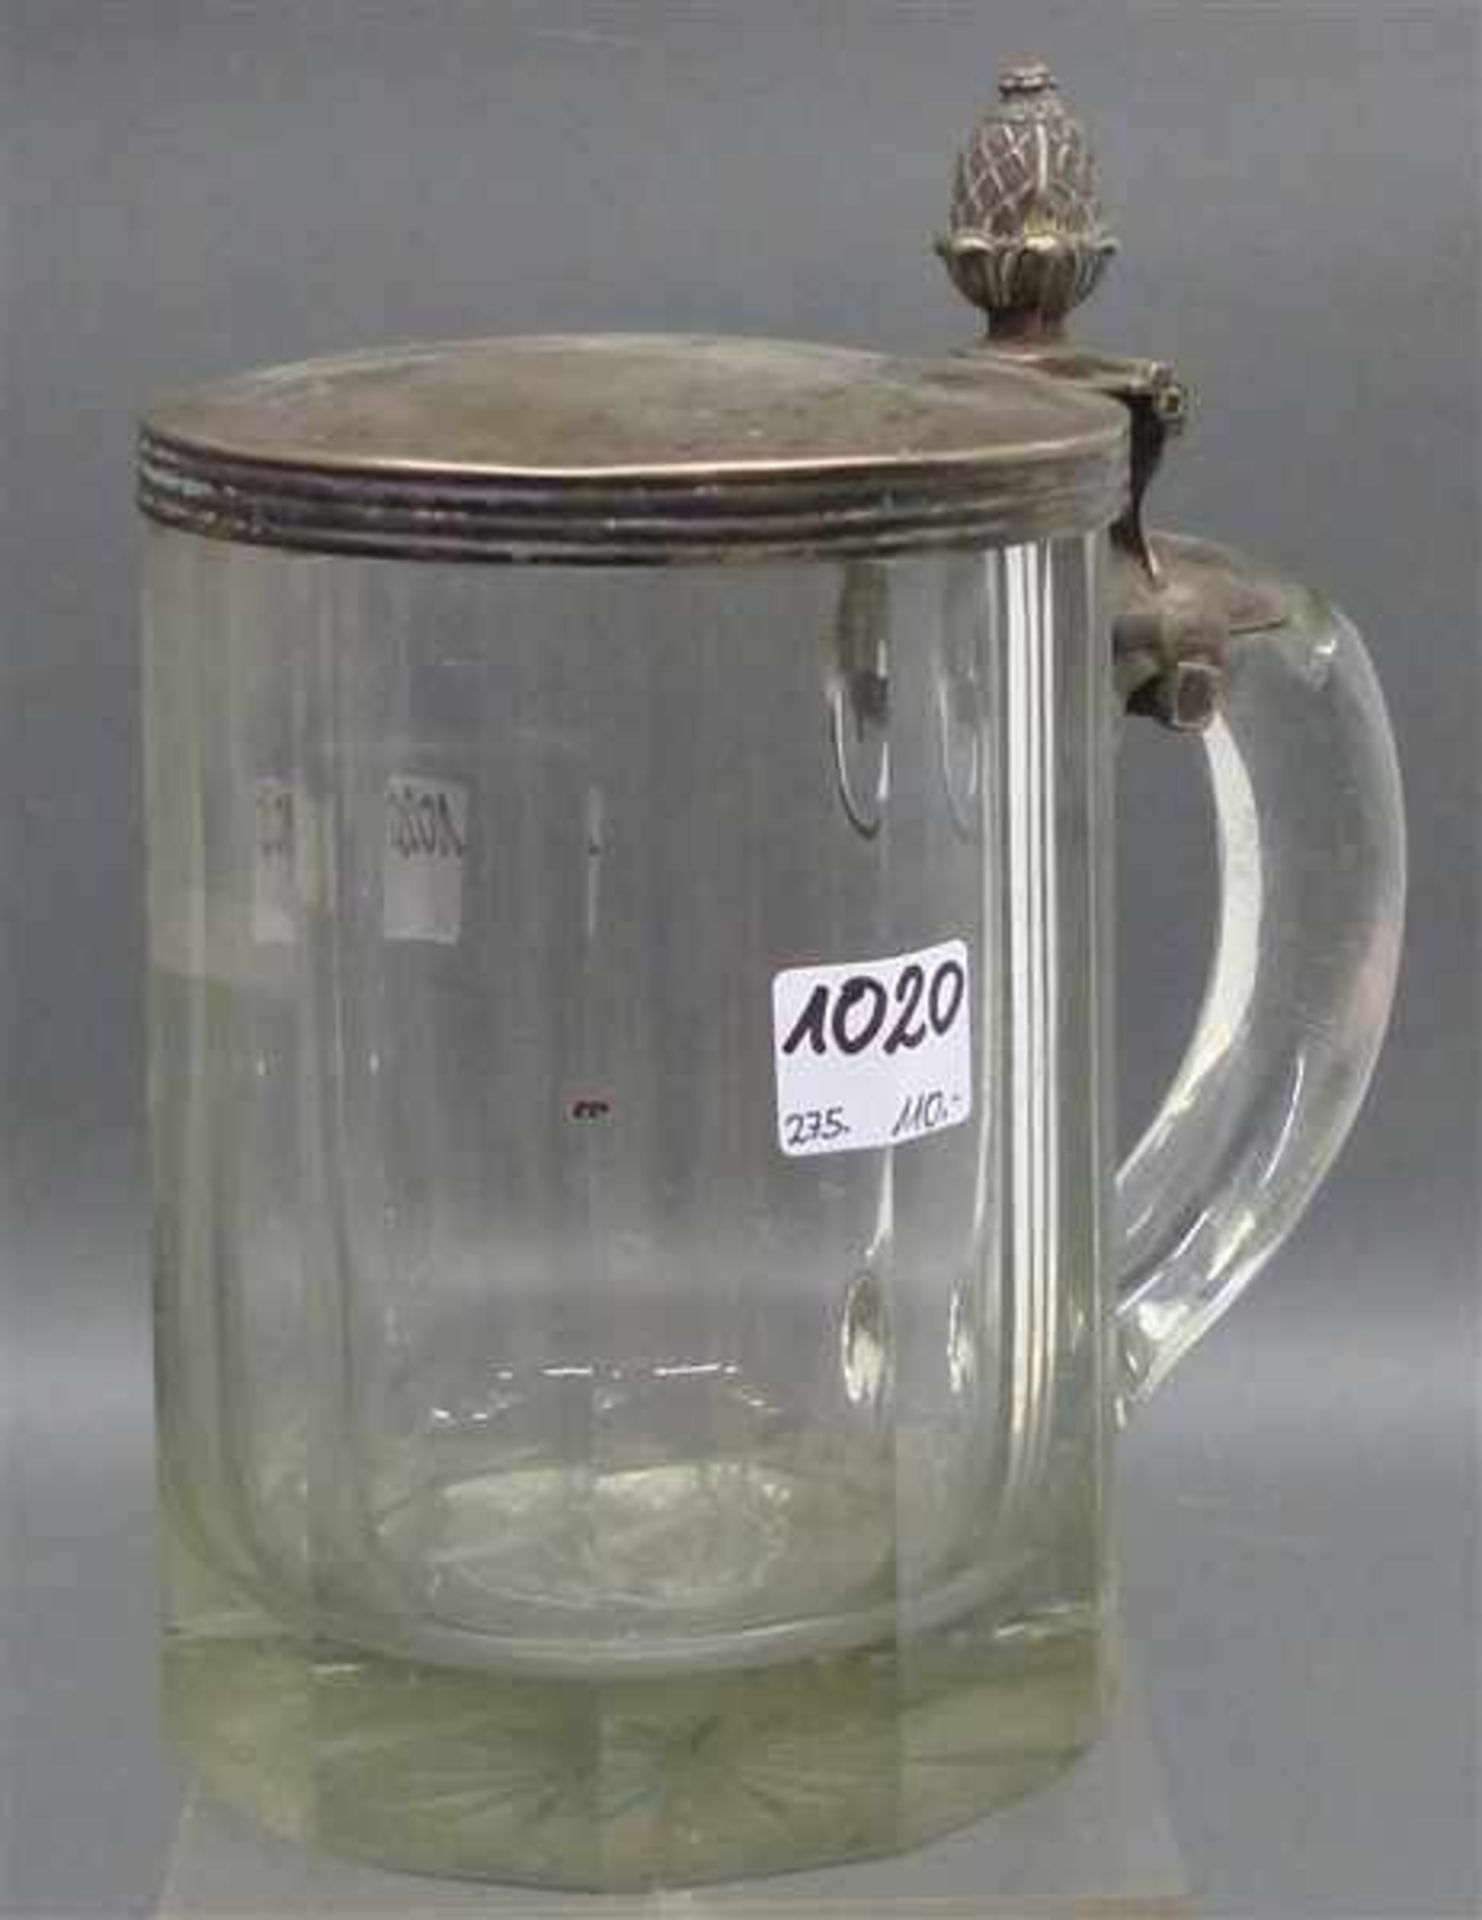 Los 1020 - Bierkrug mit Silberdeckel frühes 19. Jh., farbloses Glas, facettiert, Silberdeckel punziert,